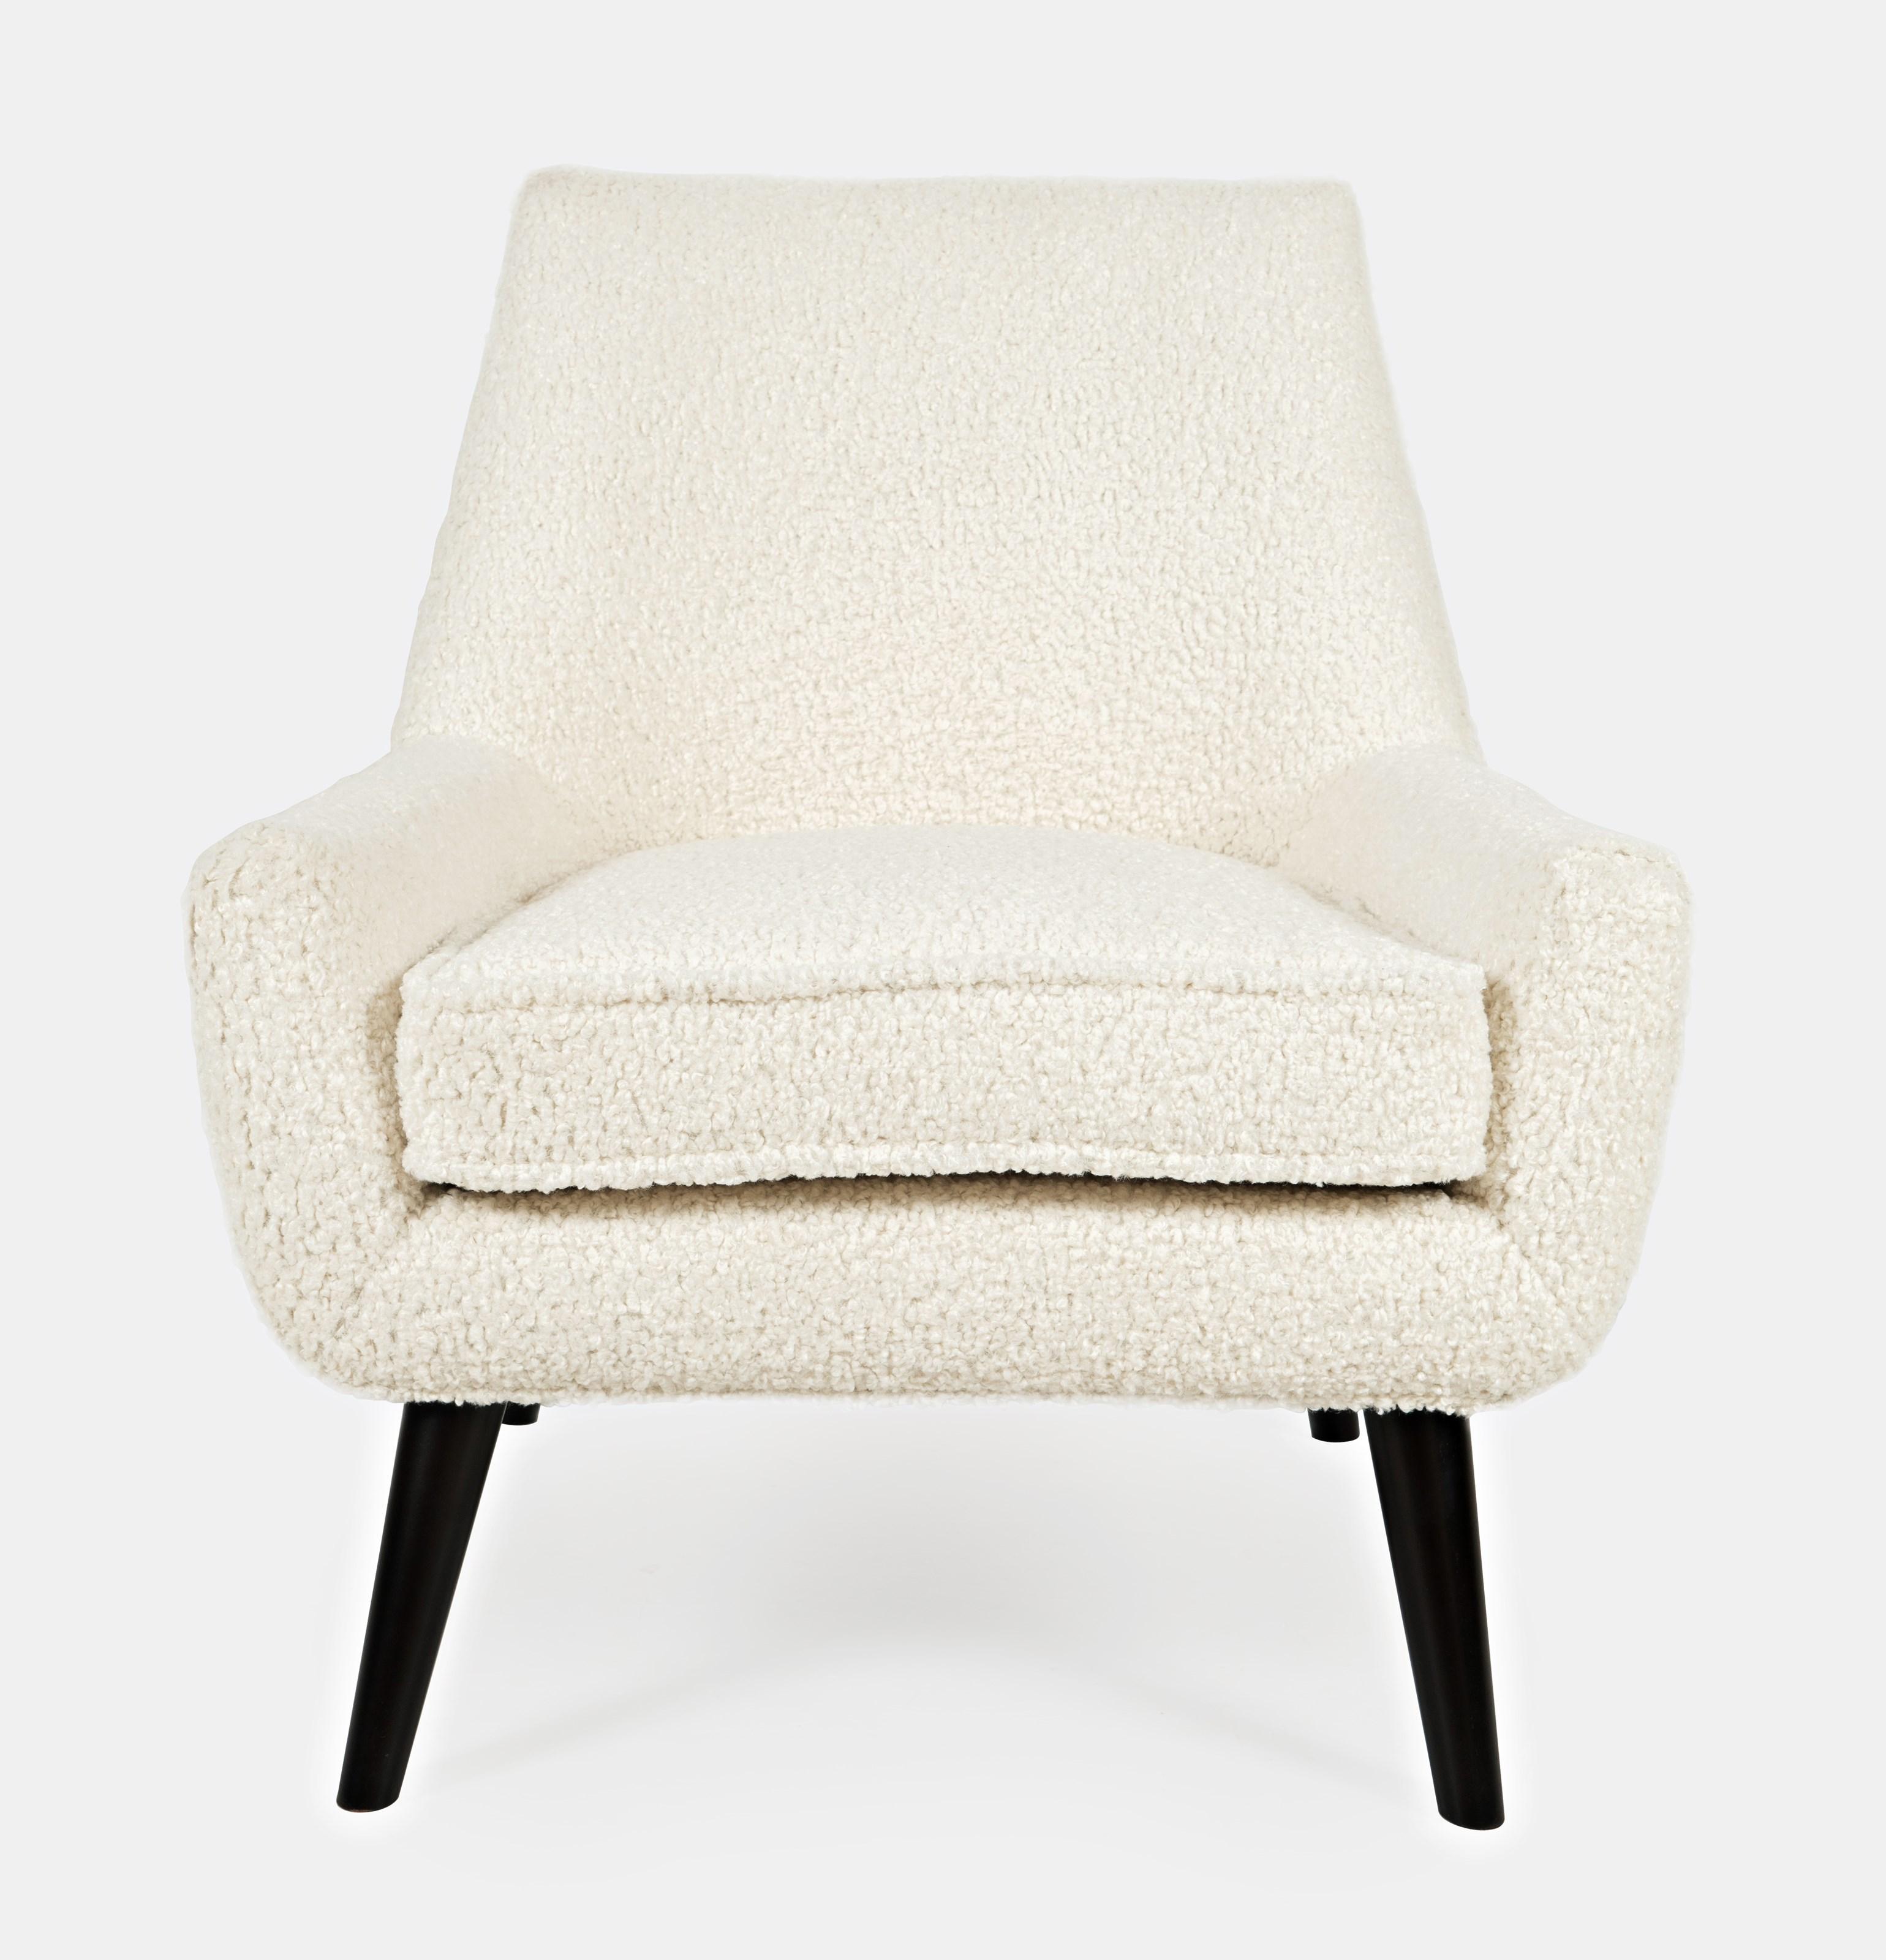 Ewing Ewing Chair by Jofran at Jofran